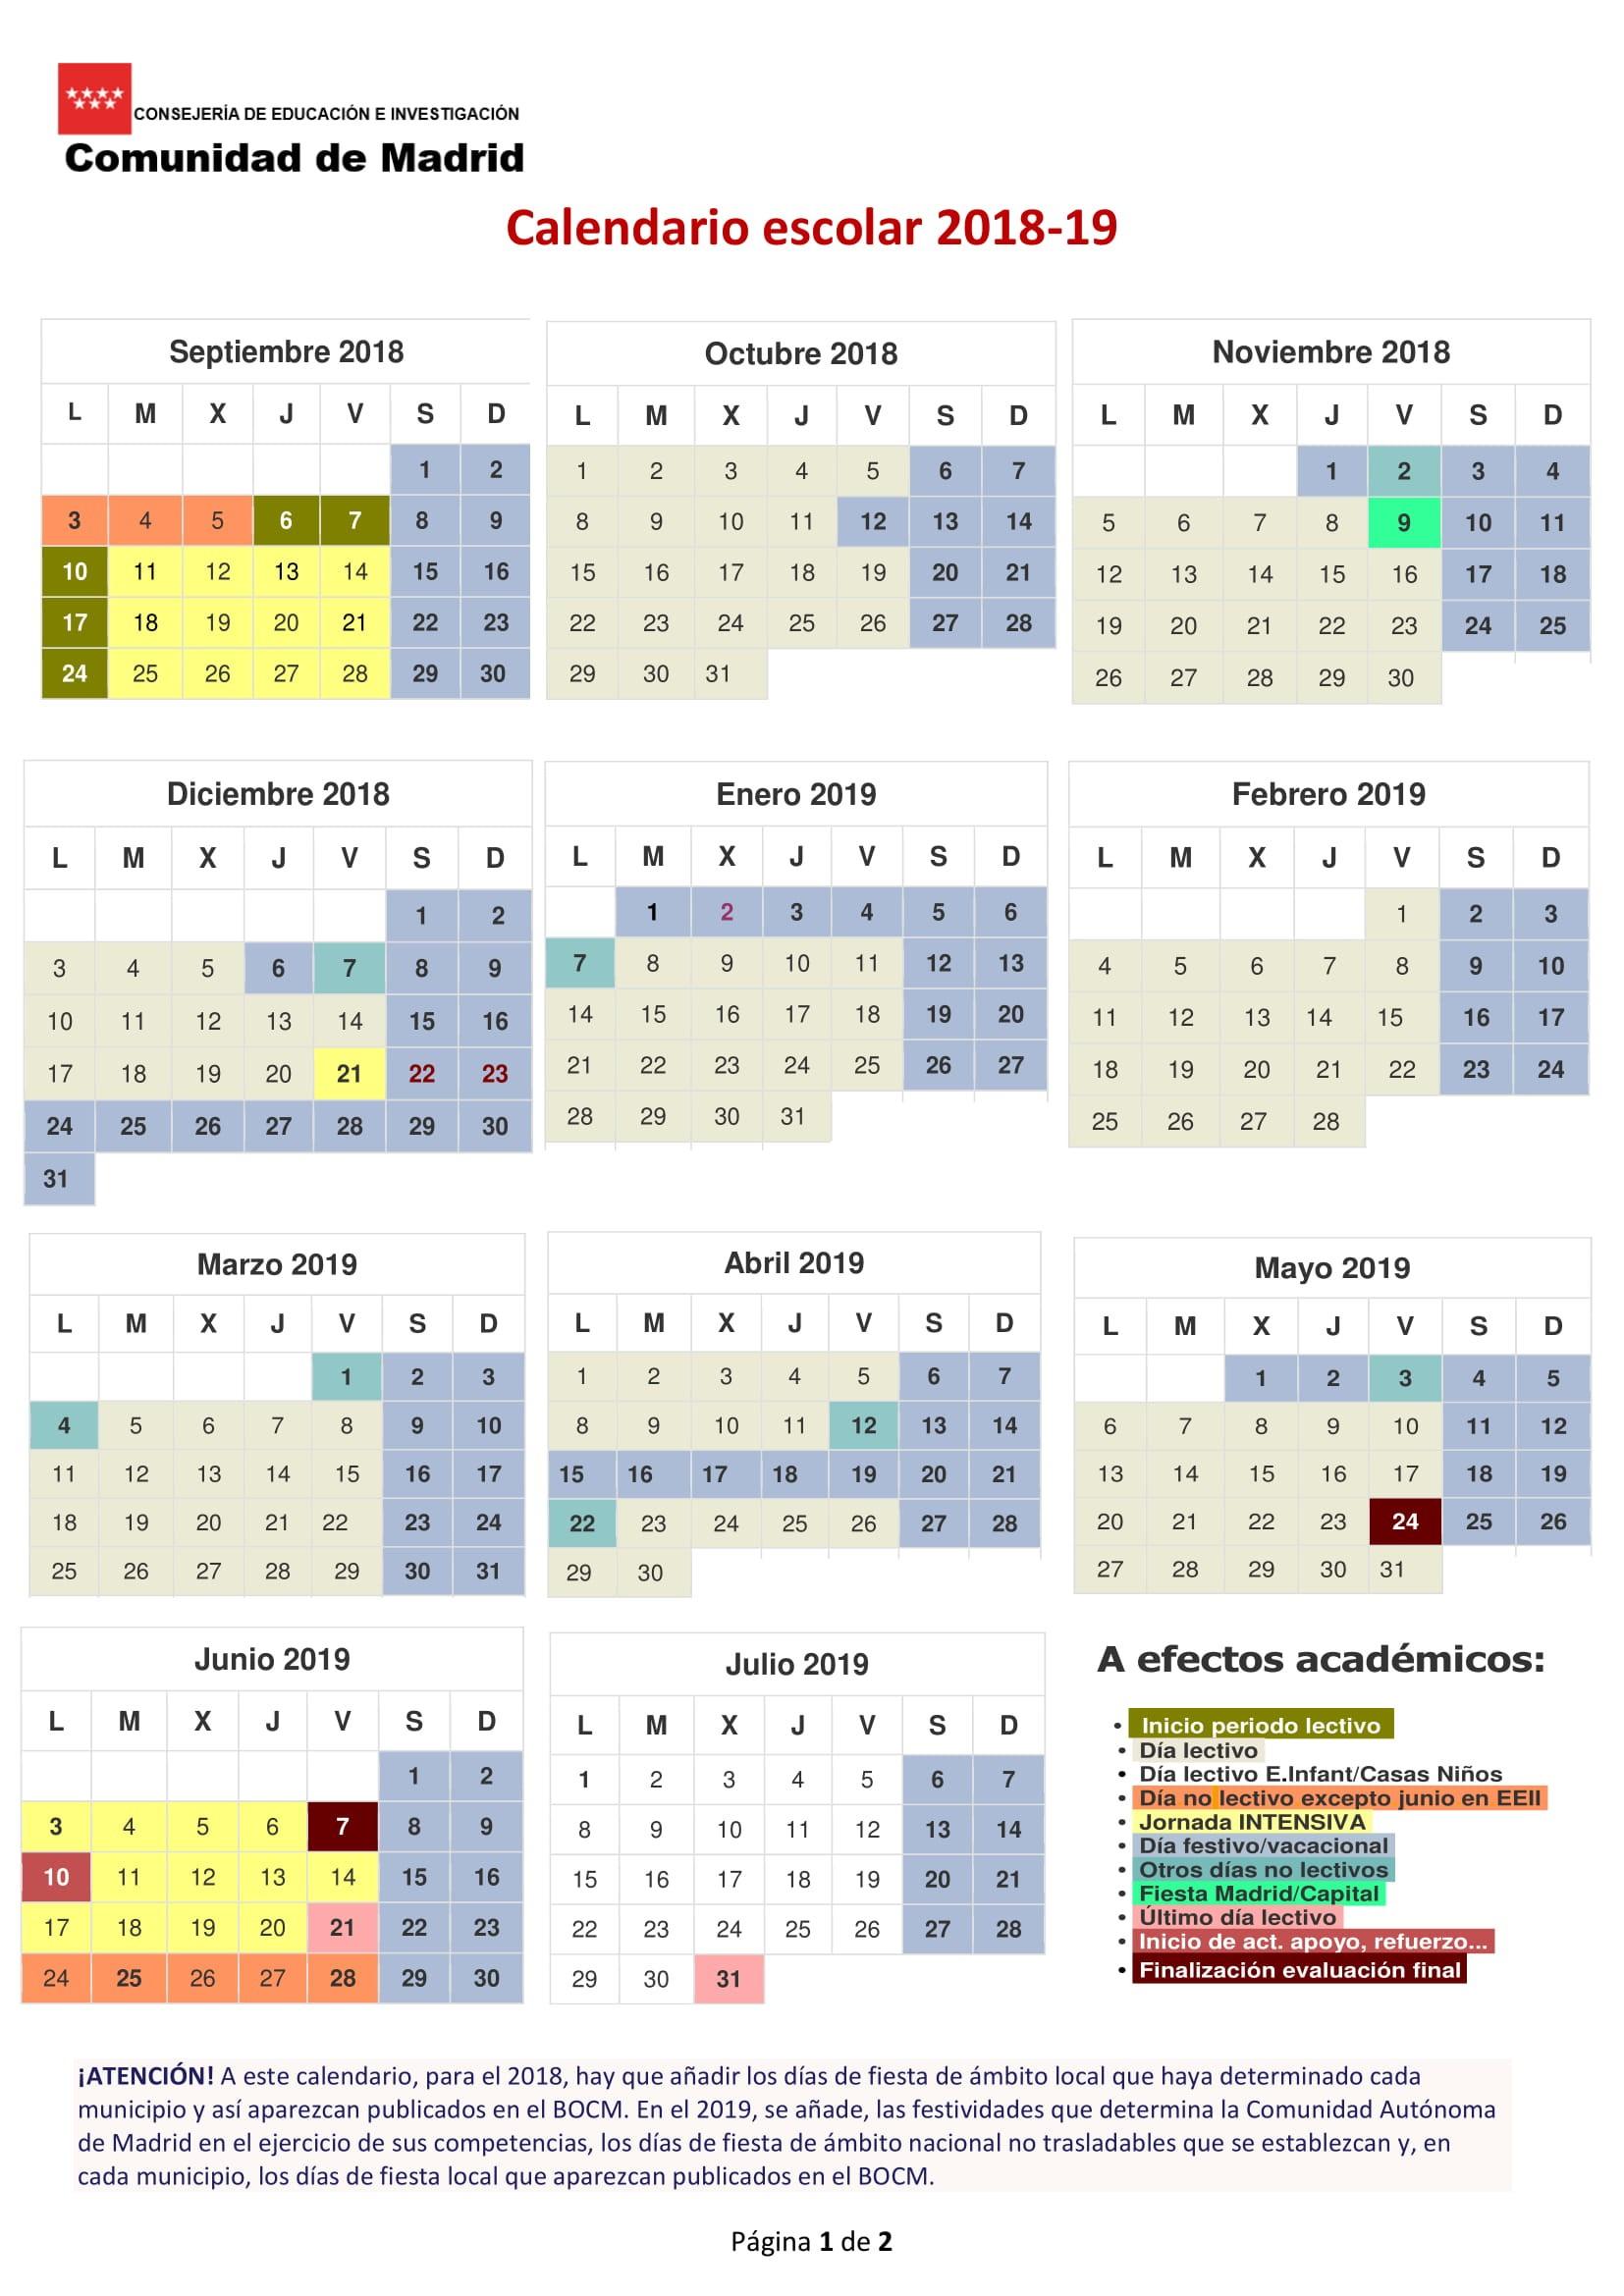 Calendario 2019 Para Llenar E Imprimir Más Reciente Calendario Escolar 2018 2019 En Madrid Vacaciones Y Das Festivos Of Calendario 2019 Para Llenar E Imprimir Más Caliente Anuncios Calendario Escolar 2019 Gijon